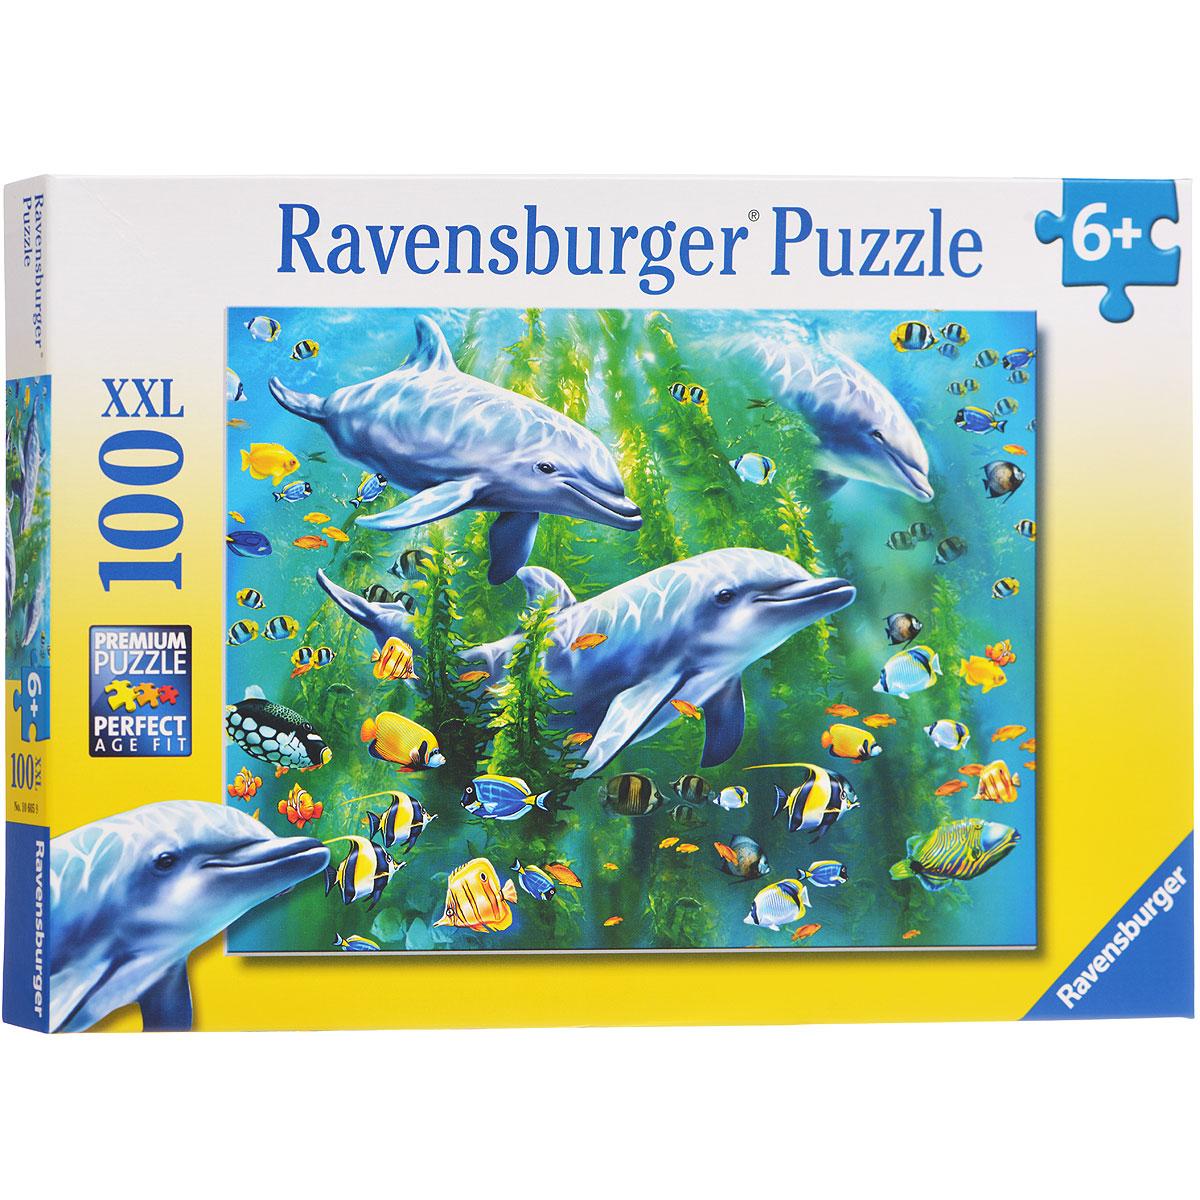 Ravensburger Три дельфина. Пазл XXL, 100 элементов10605Пазл Ravensburger Три дельфина, без сомнения, придется по душе вам и вашему малышу. Собрав этот пазл, включающий в себя 100 элементов, вы получите великолепную картину с изображением дельфинов. Каждая деталь имеет свою форму и подходит только на своё место. Нет двух одинаковых деталей! Пазл изготовлен из картона высочайшего качества. Все изображения аккуратно отсканированы и напечатаны на ламинированной бумаге. Пазл - великолепная игра для семейного досуга. Сегодня собирание пазлов стало особенно популярным, главным образом, благодаря своей многообразной тематике, способной удовлетворить самый взыскательный вкус. А для детей это не только интересно, но и полезно. Собирание пазла развивает мелкую моторику у ребенка, тренирует наблюдательность, логическое мышление, знакомит с окружающим миром, с цветом и разнообразными формами.